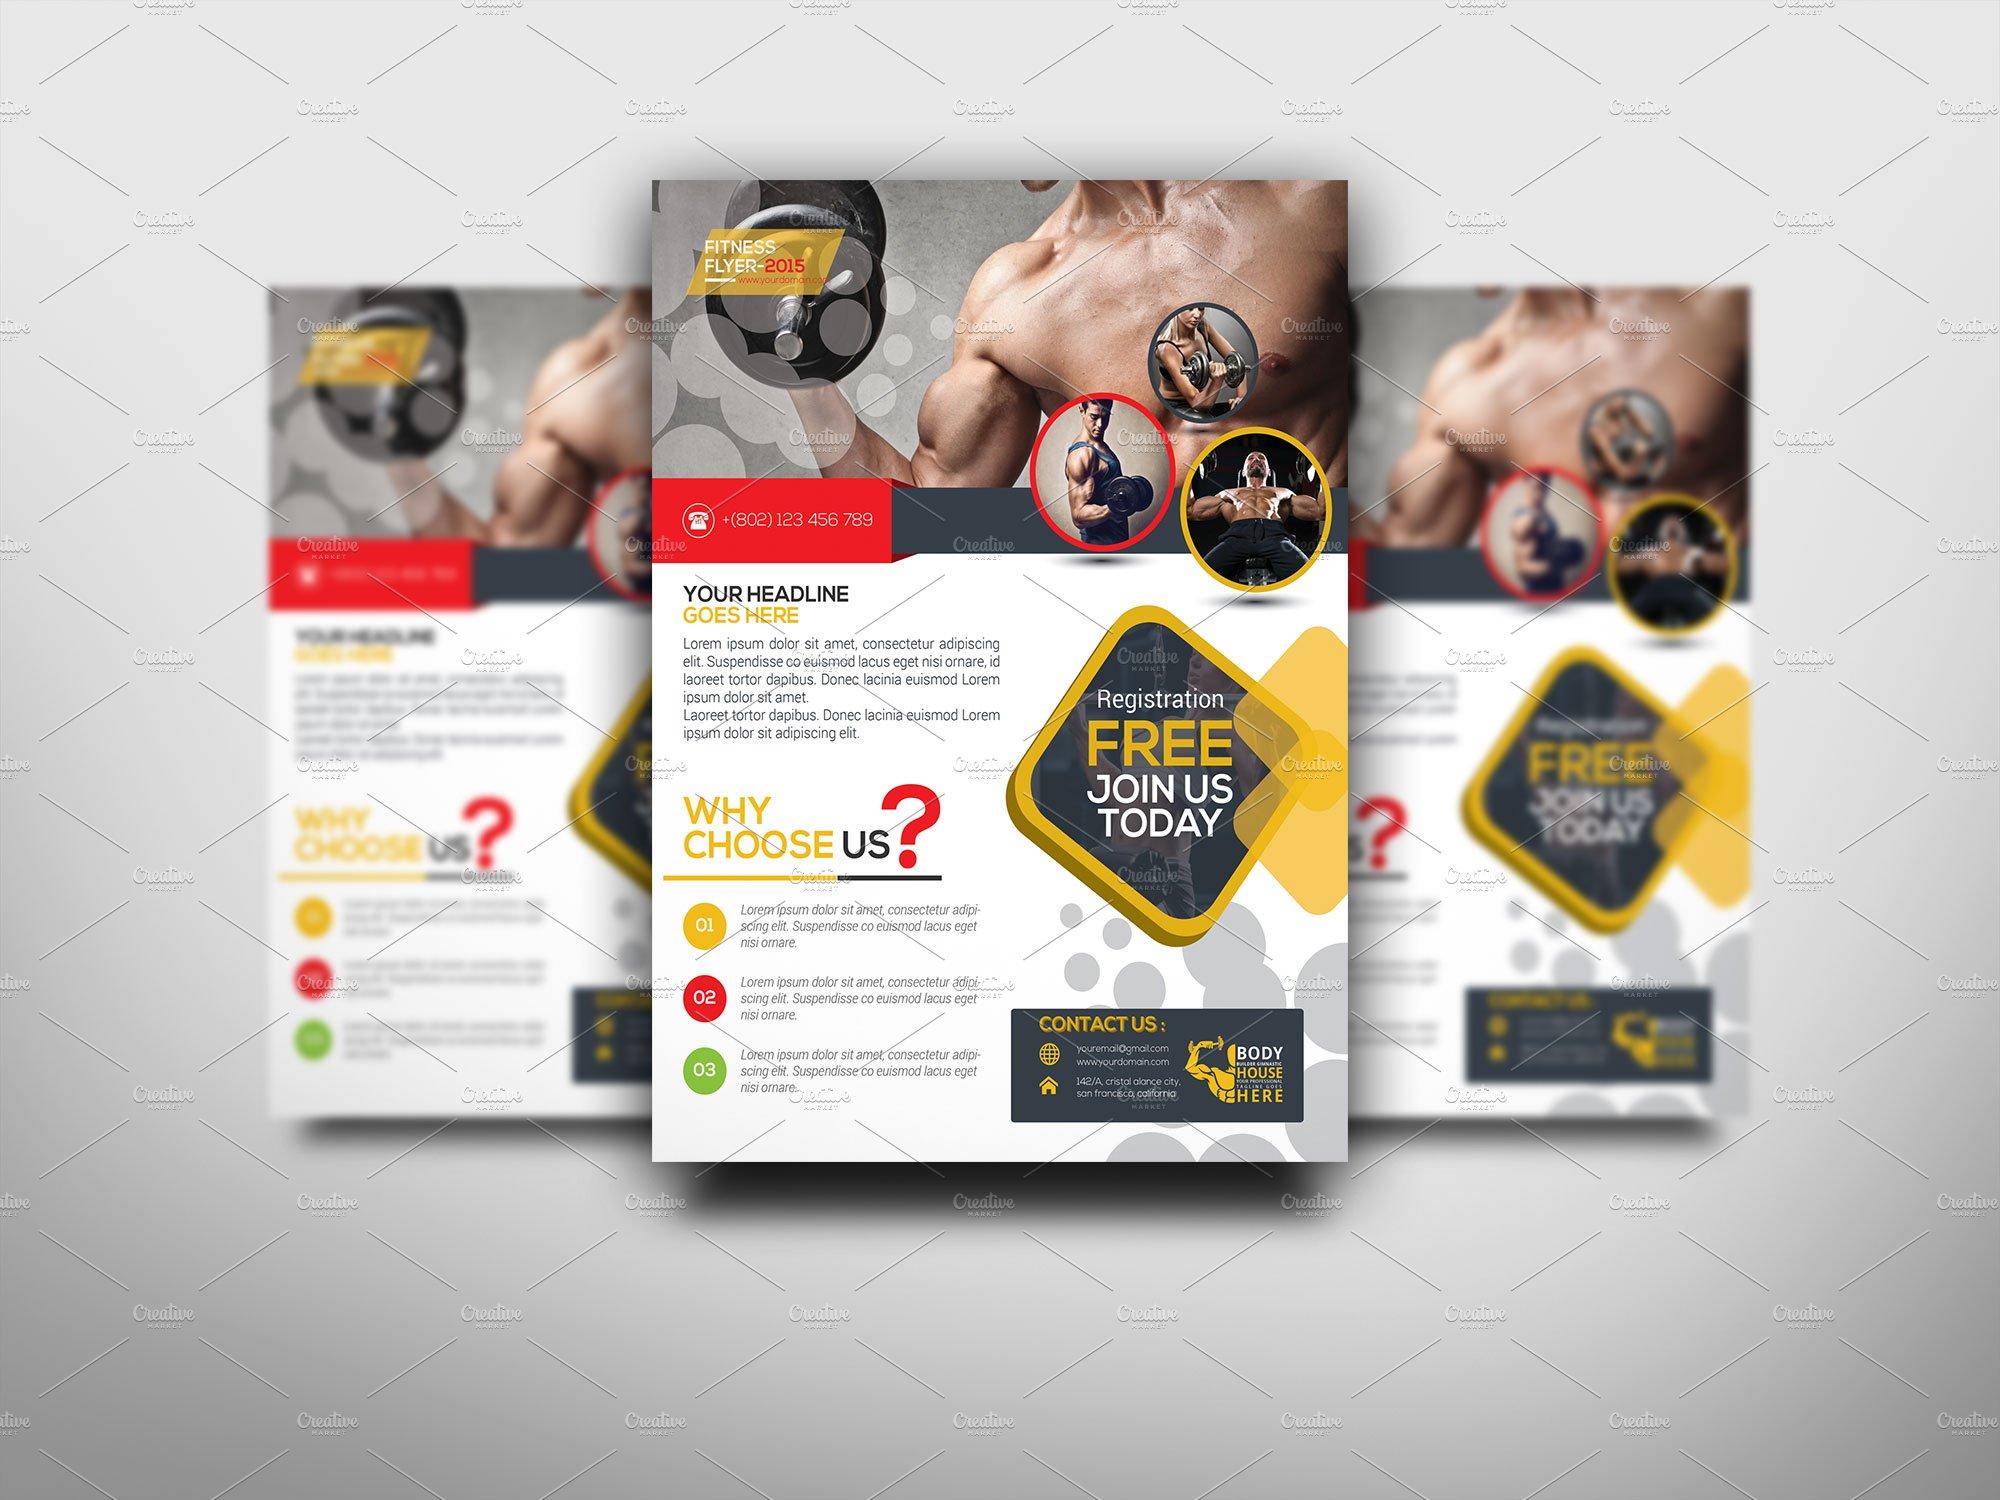 Enchanting Fitness Flyer Mold - FORTSETZUNG ARBEITSBLATT - tsuhaan.info